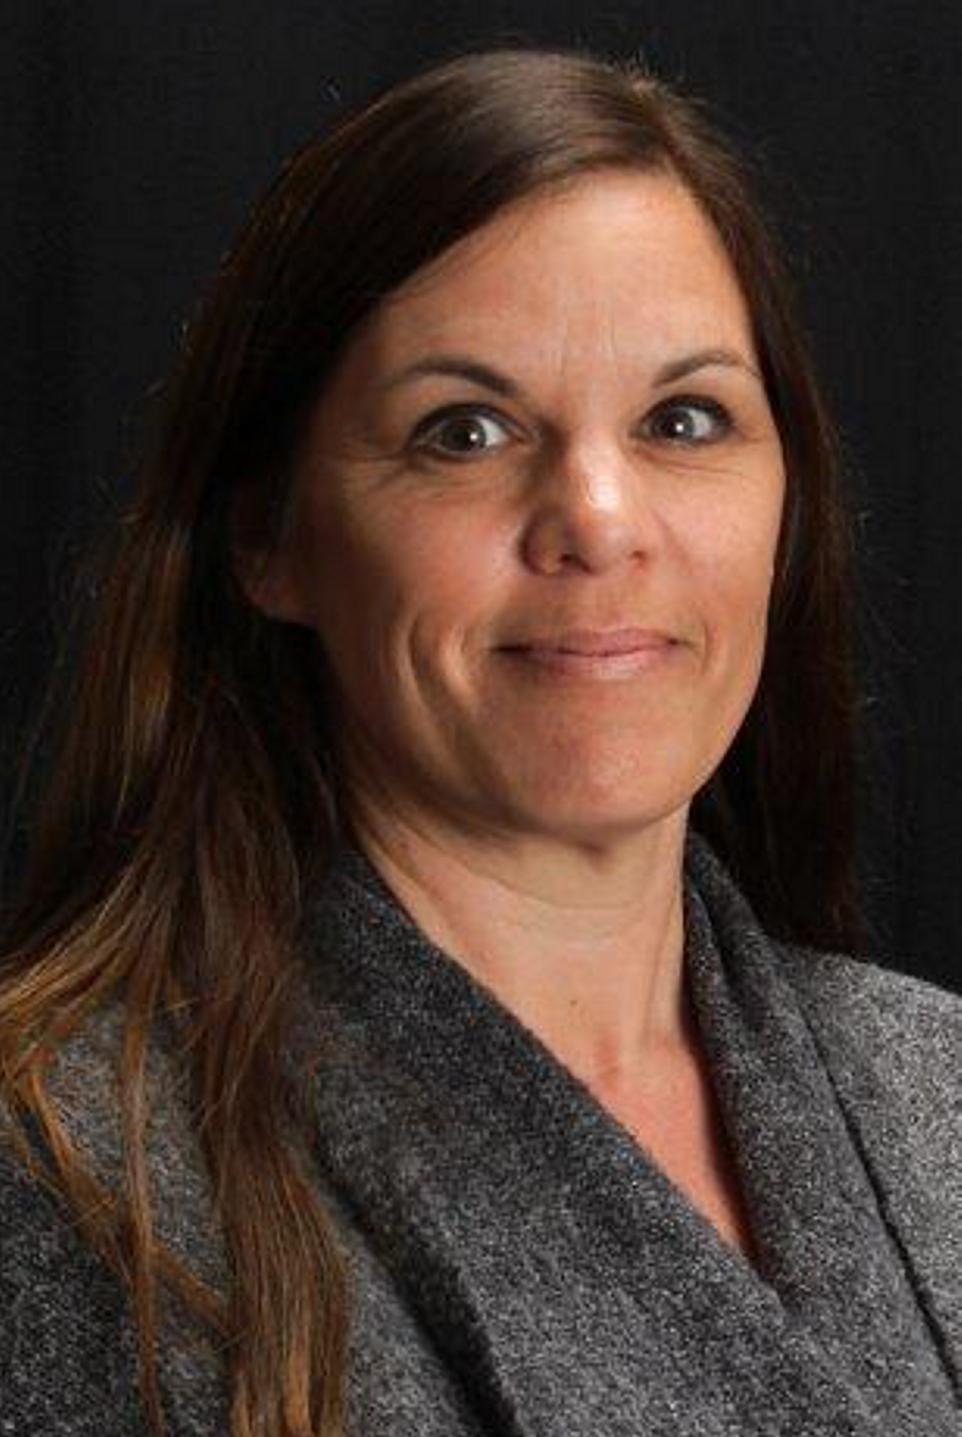 Teresa Tibbetts